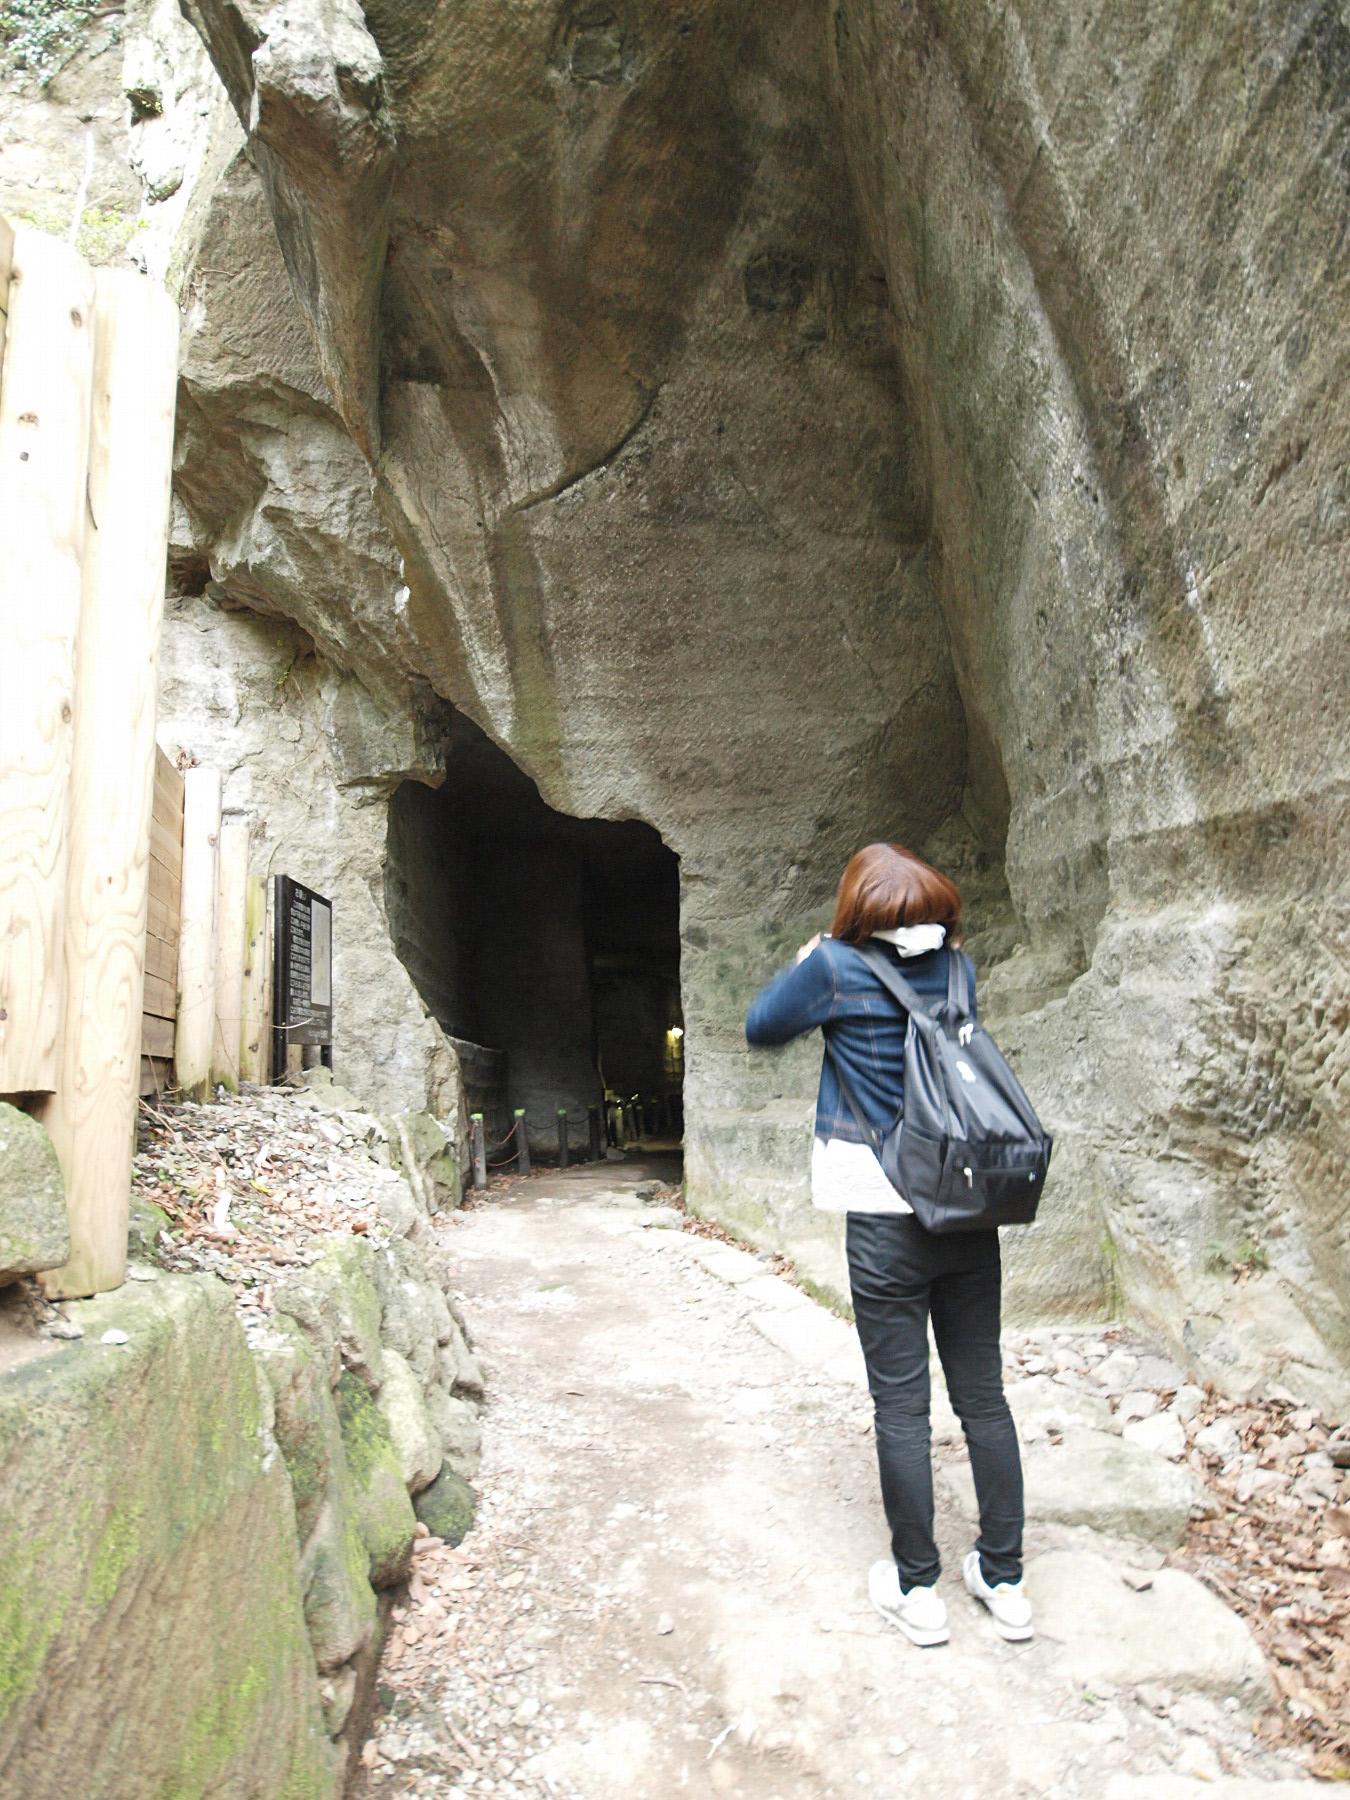 伊豆石の室岩洞入り口